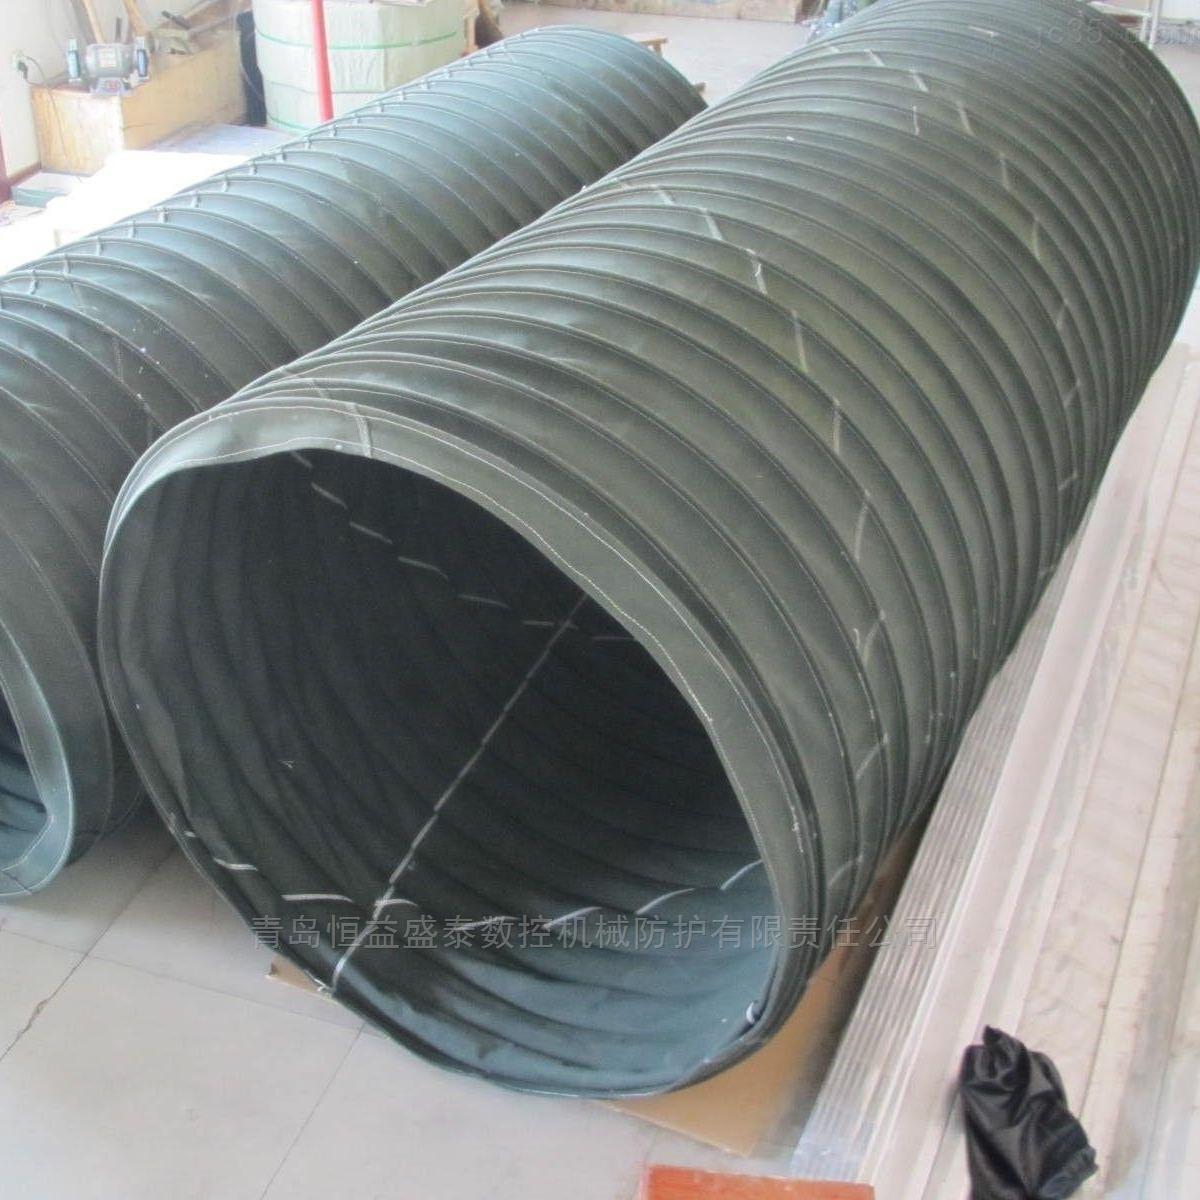 装机卸料除尘伸缩布筒厂家自产自销